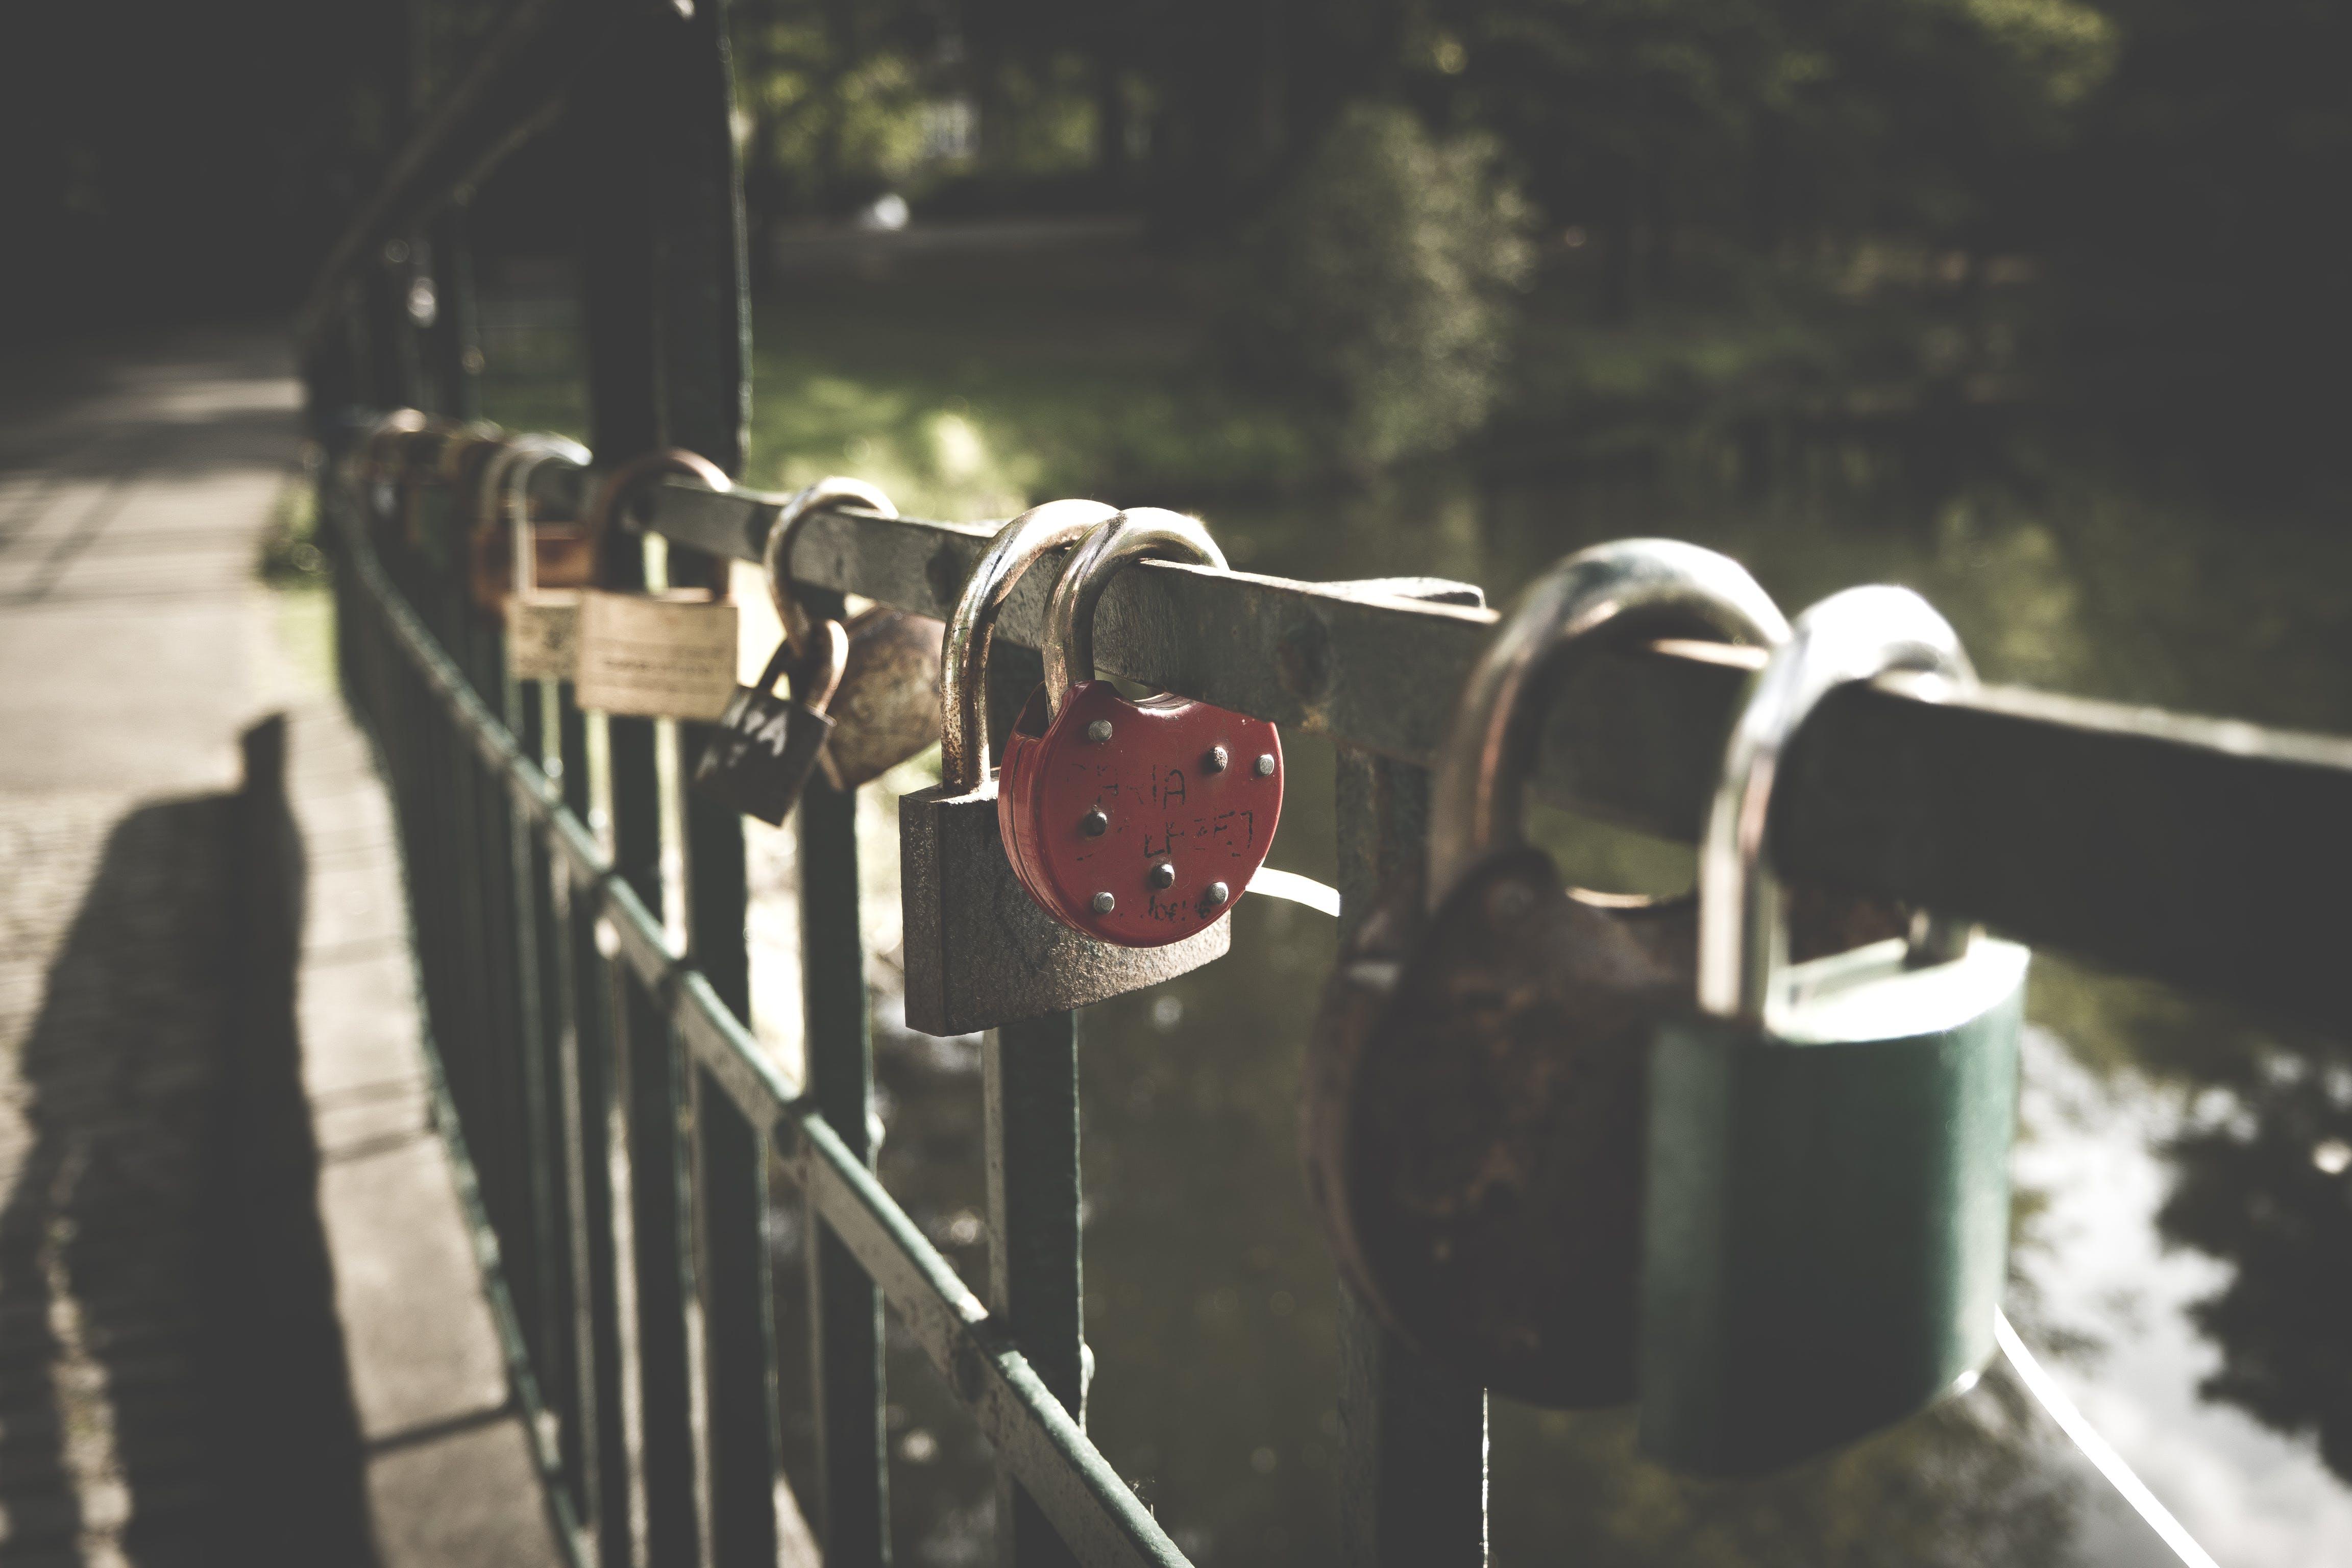 フェンス, ブリッジ, 南京錠, 日光の無料の写真素材